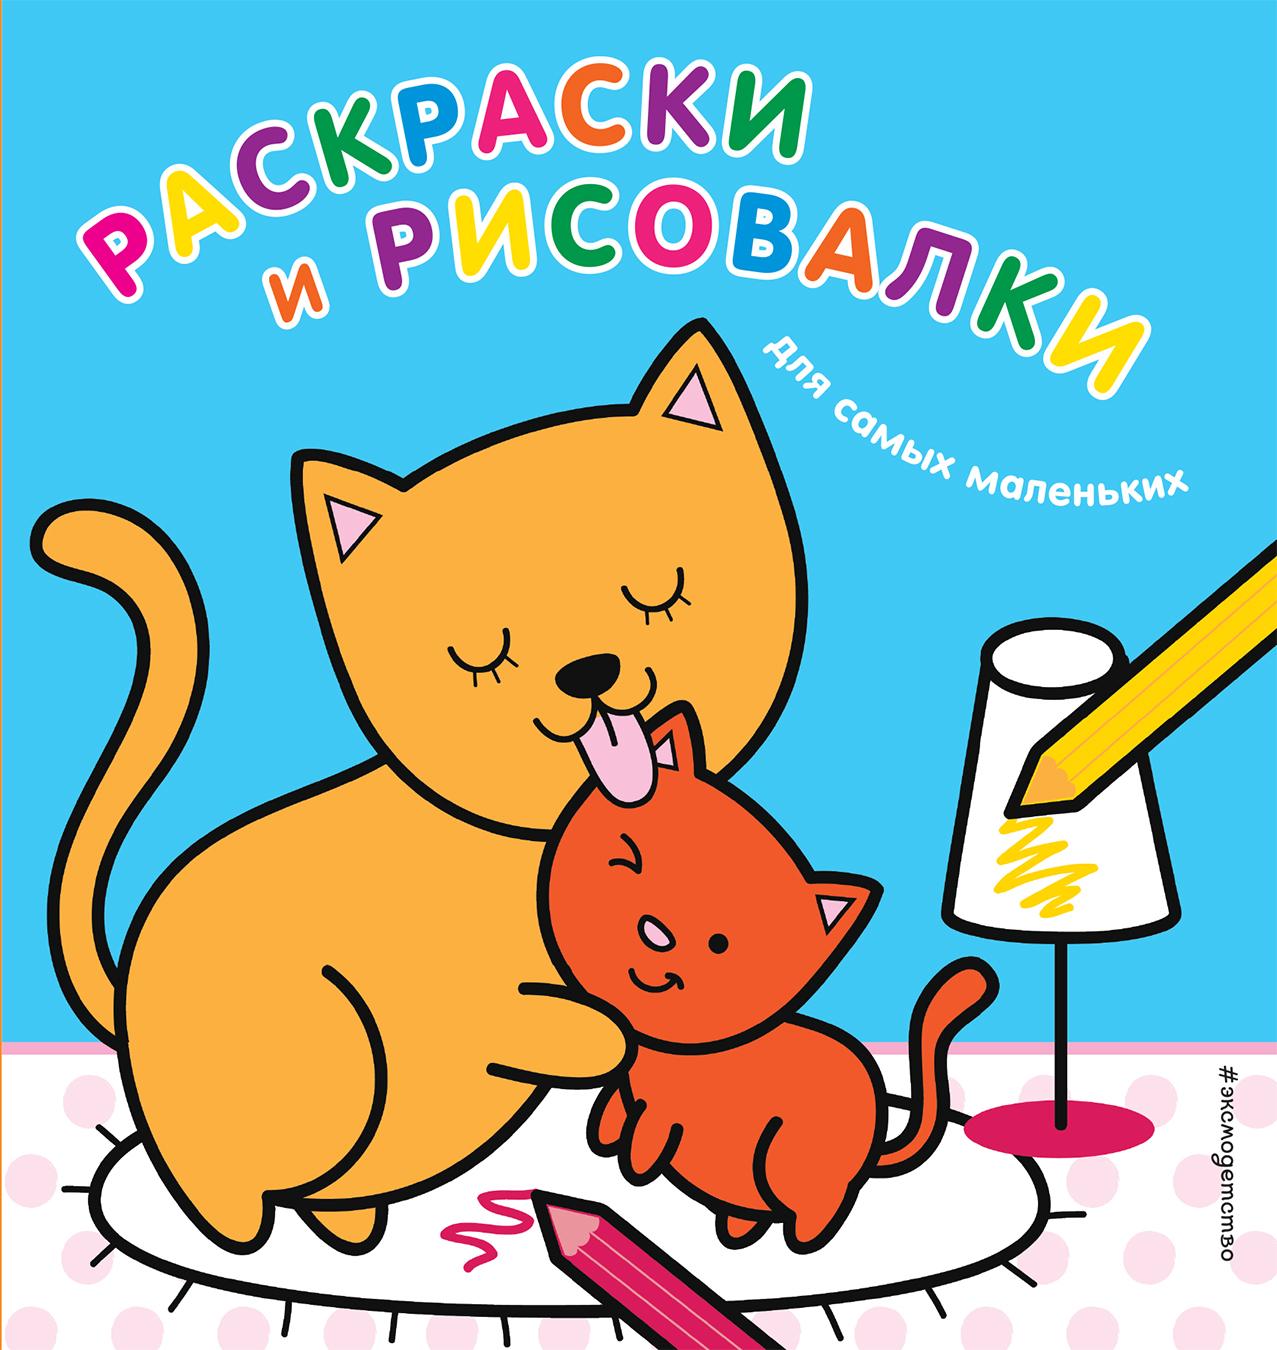 Раскраски и рисовалки для самых маленьких (котята) елена фиштик песенки раскраски